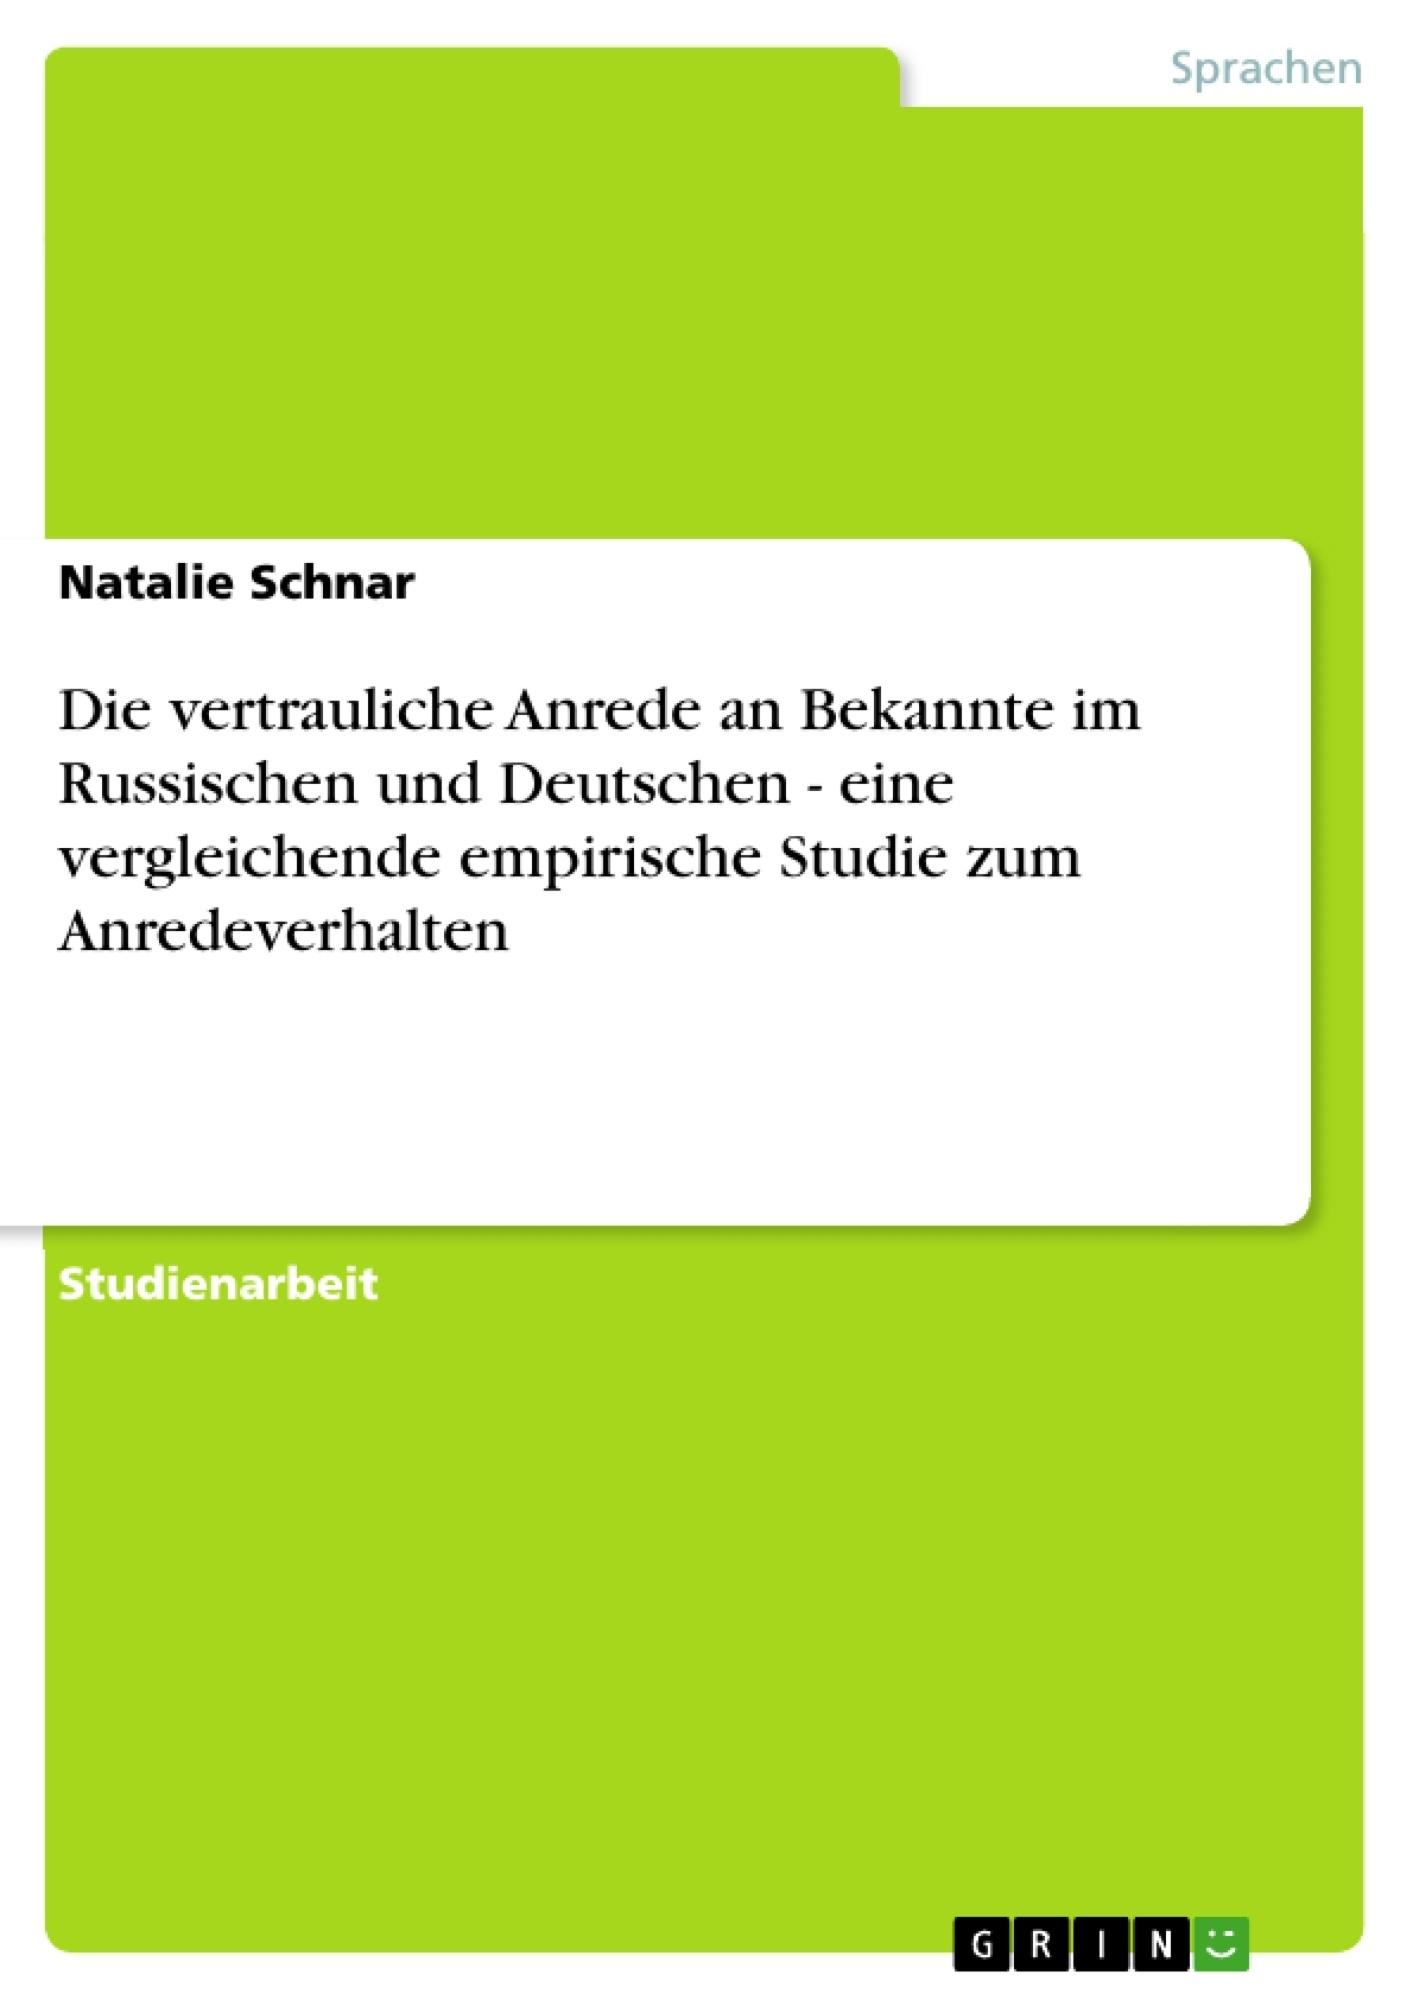 Titel: Die vertrauliche Anrede an Bekannte im Russischen und Deutschen - eine vergleichende empirische Studie zum Anredeverhalten